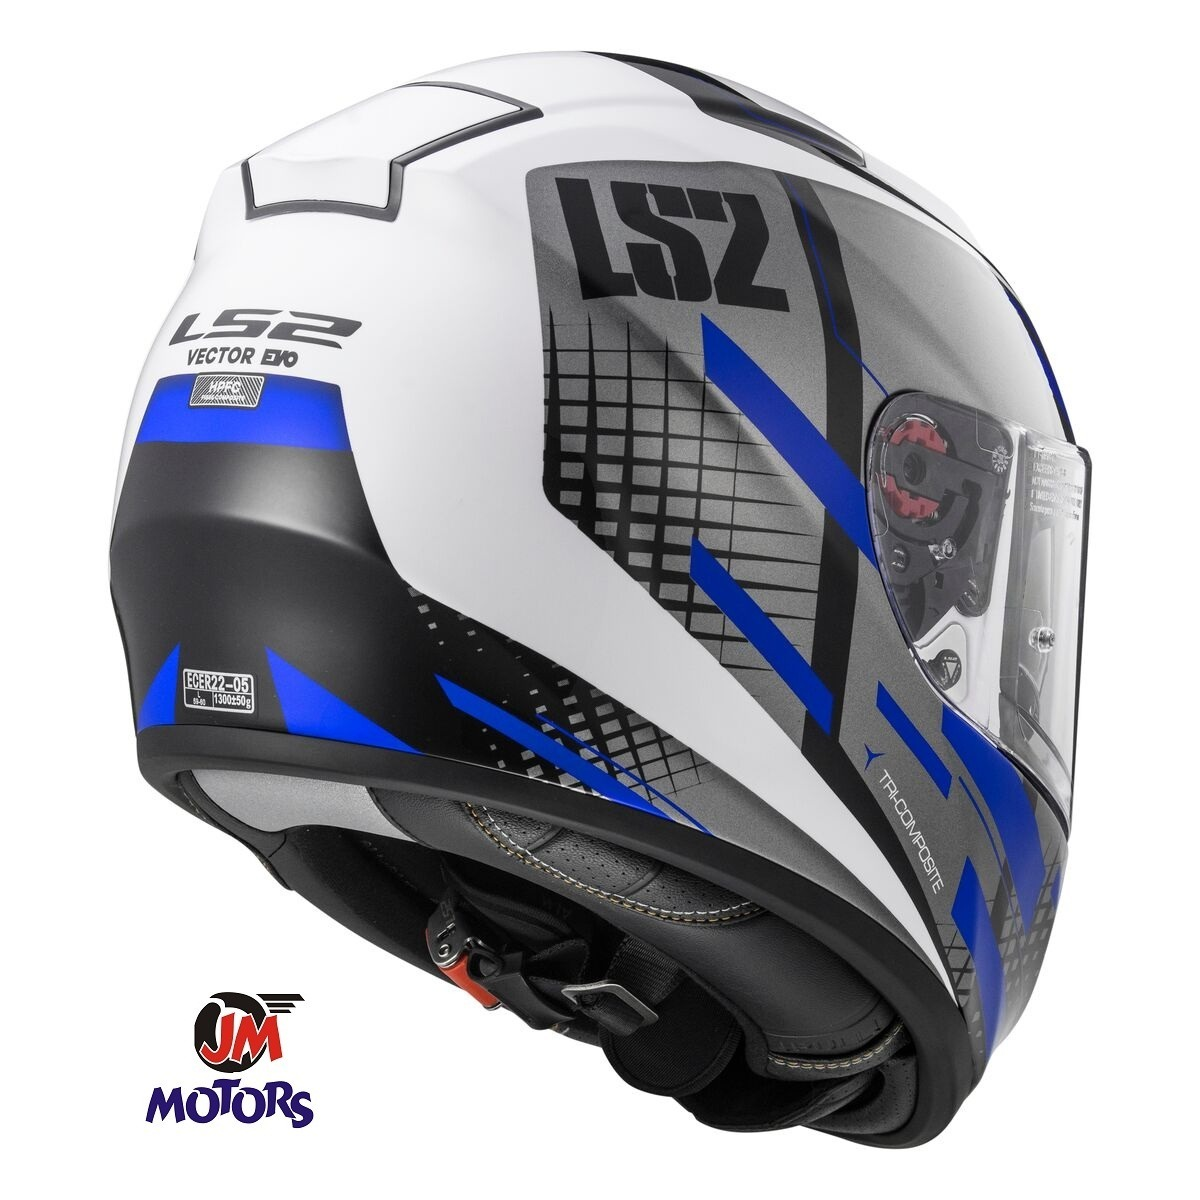 eb8882ded8bd5 jm casco moto integral ls2 ff397 vector titan azul y blanco. Cargando zoom.